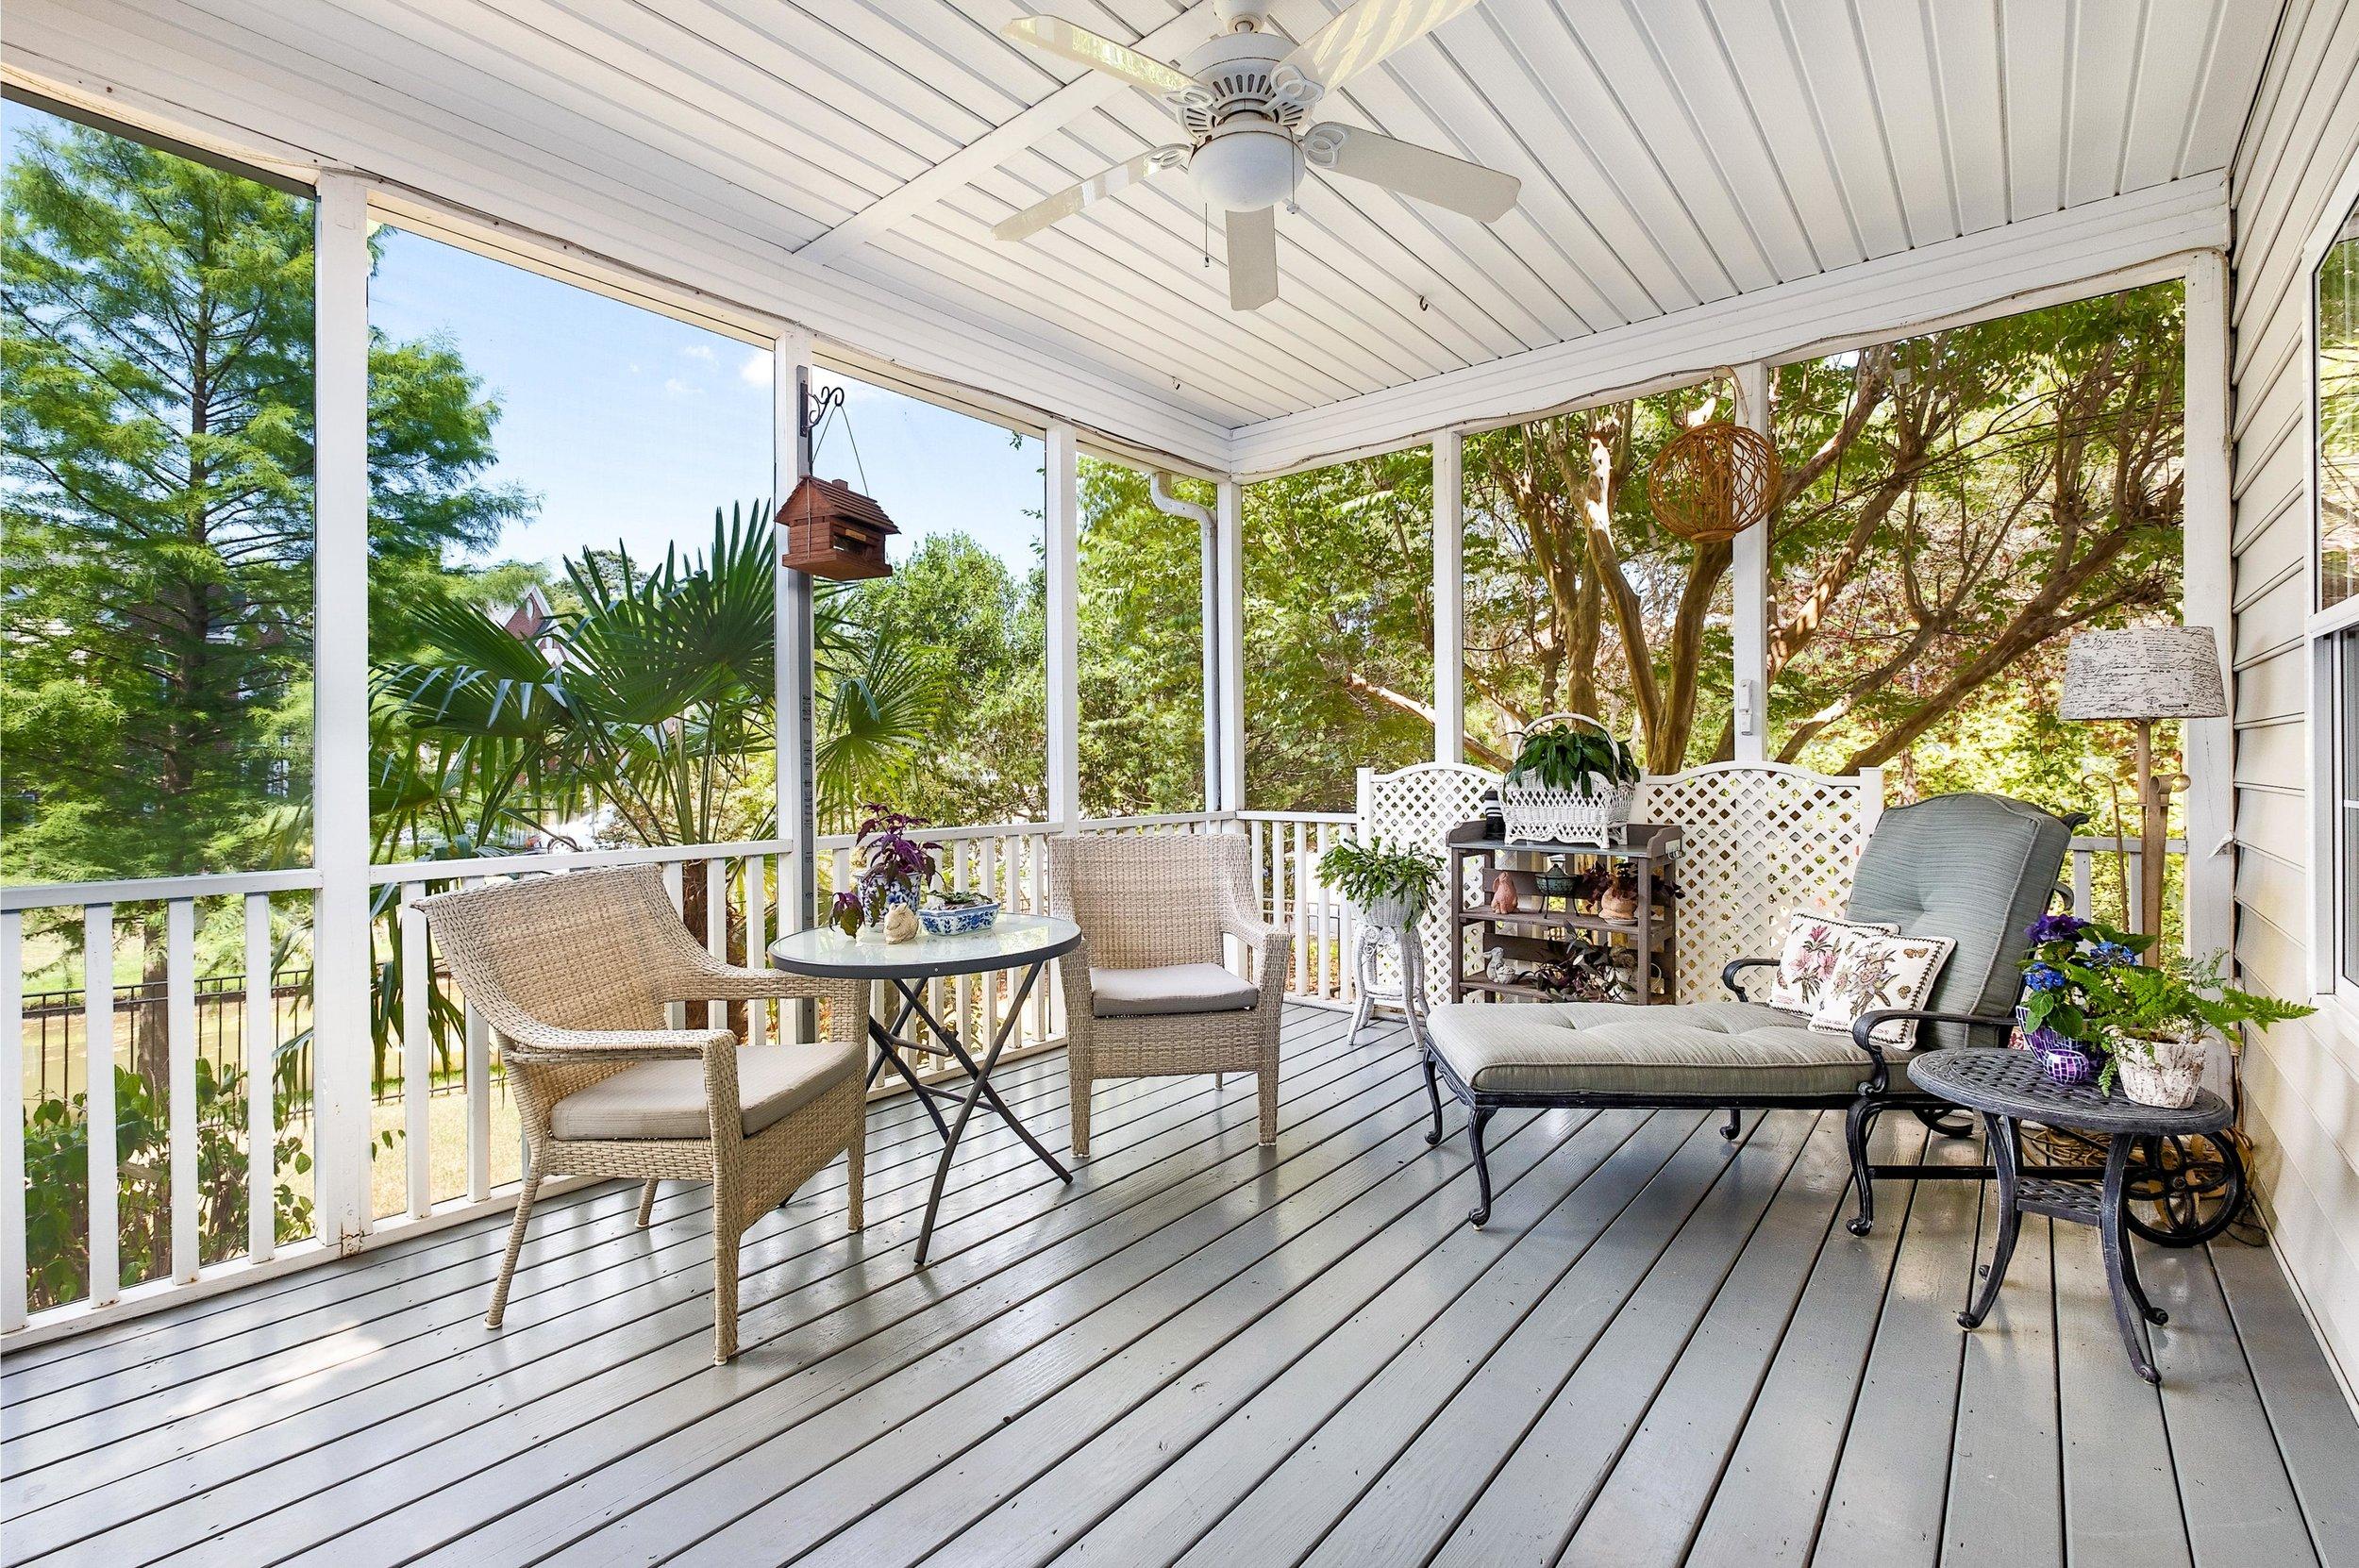 4 Porch best.jpg